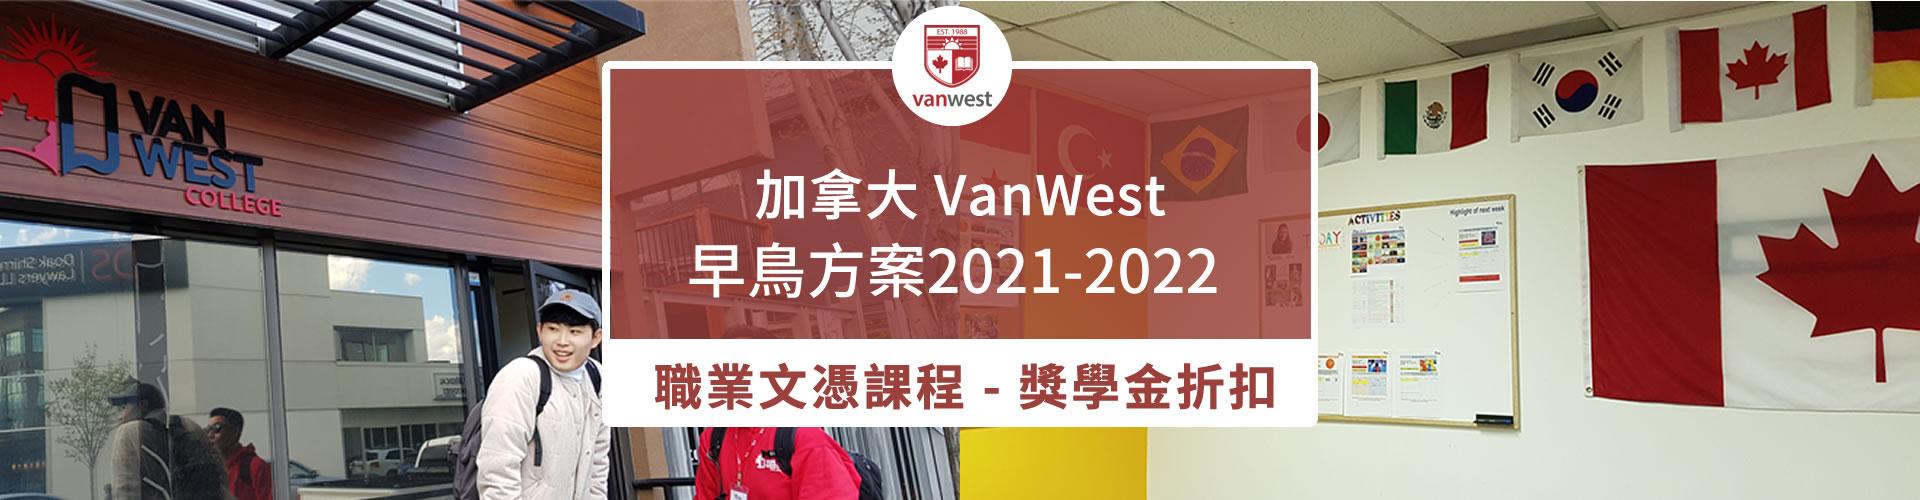 【加拿大遊學打工優惠】充滿多元人文悠哉氣息的溫哥華,Van West College ,適用2020-2022年入學專案